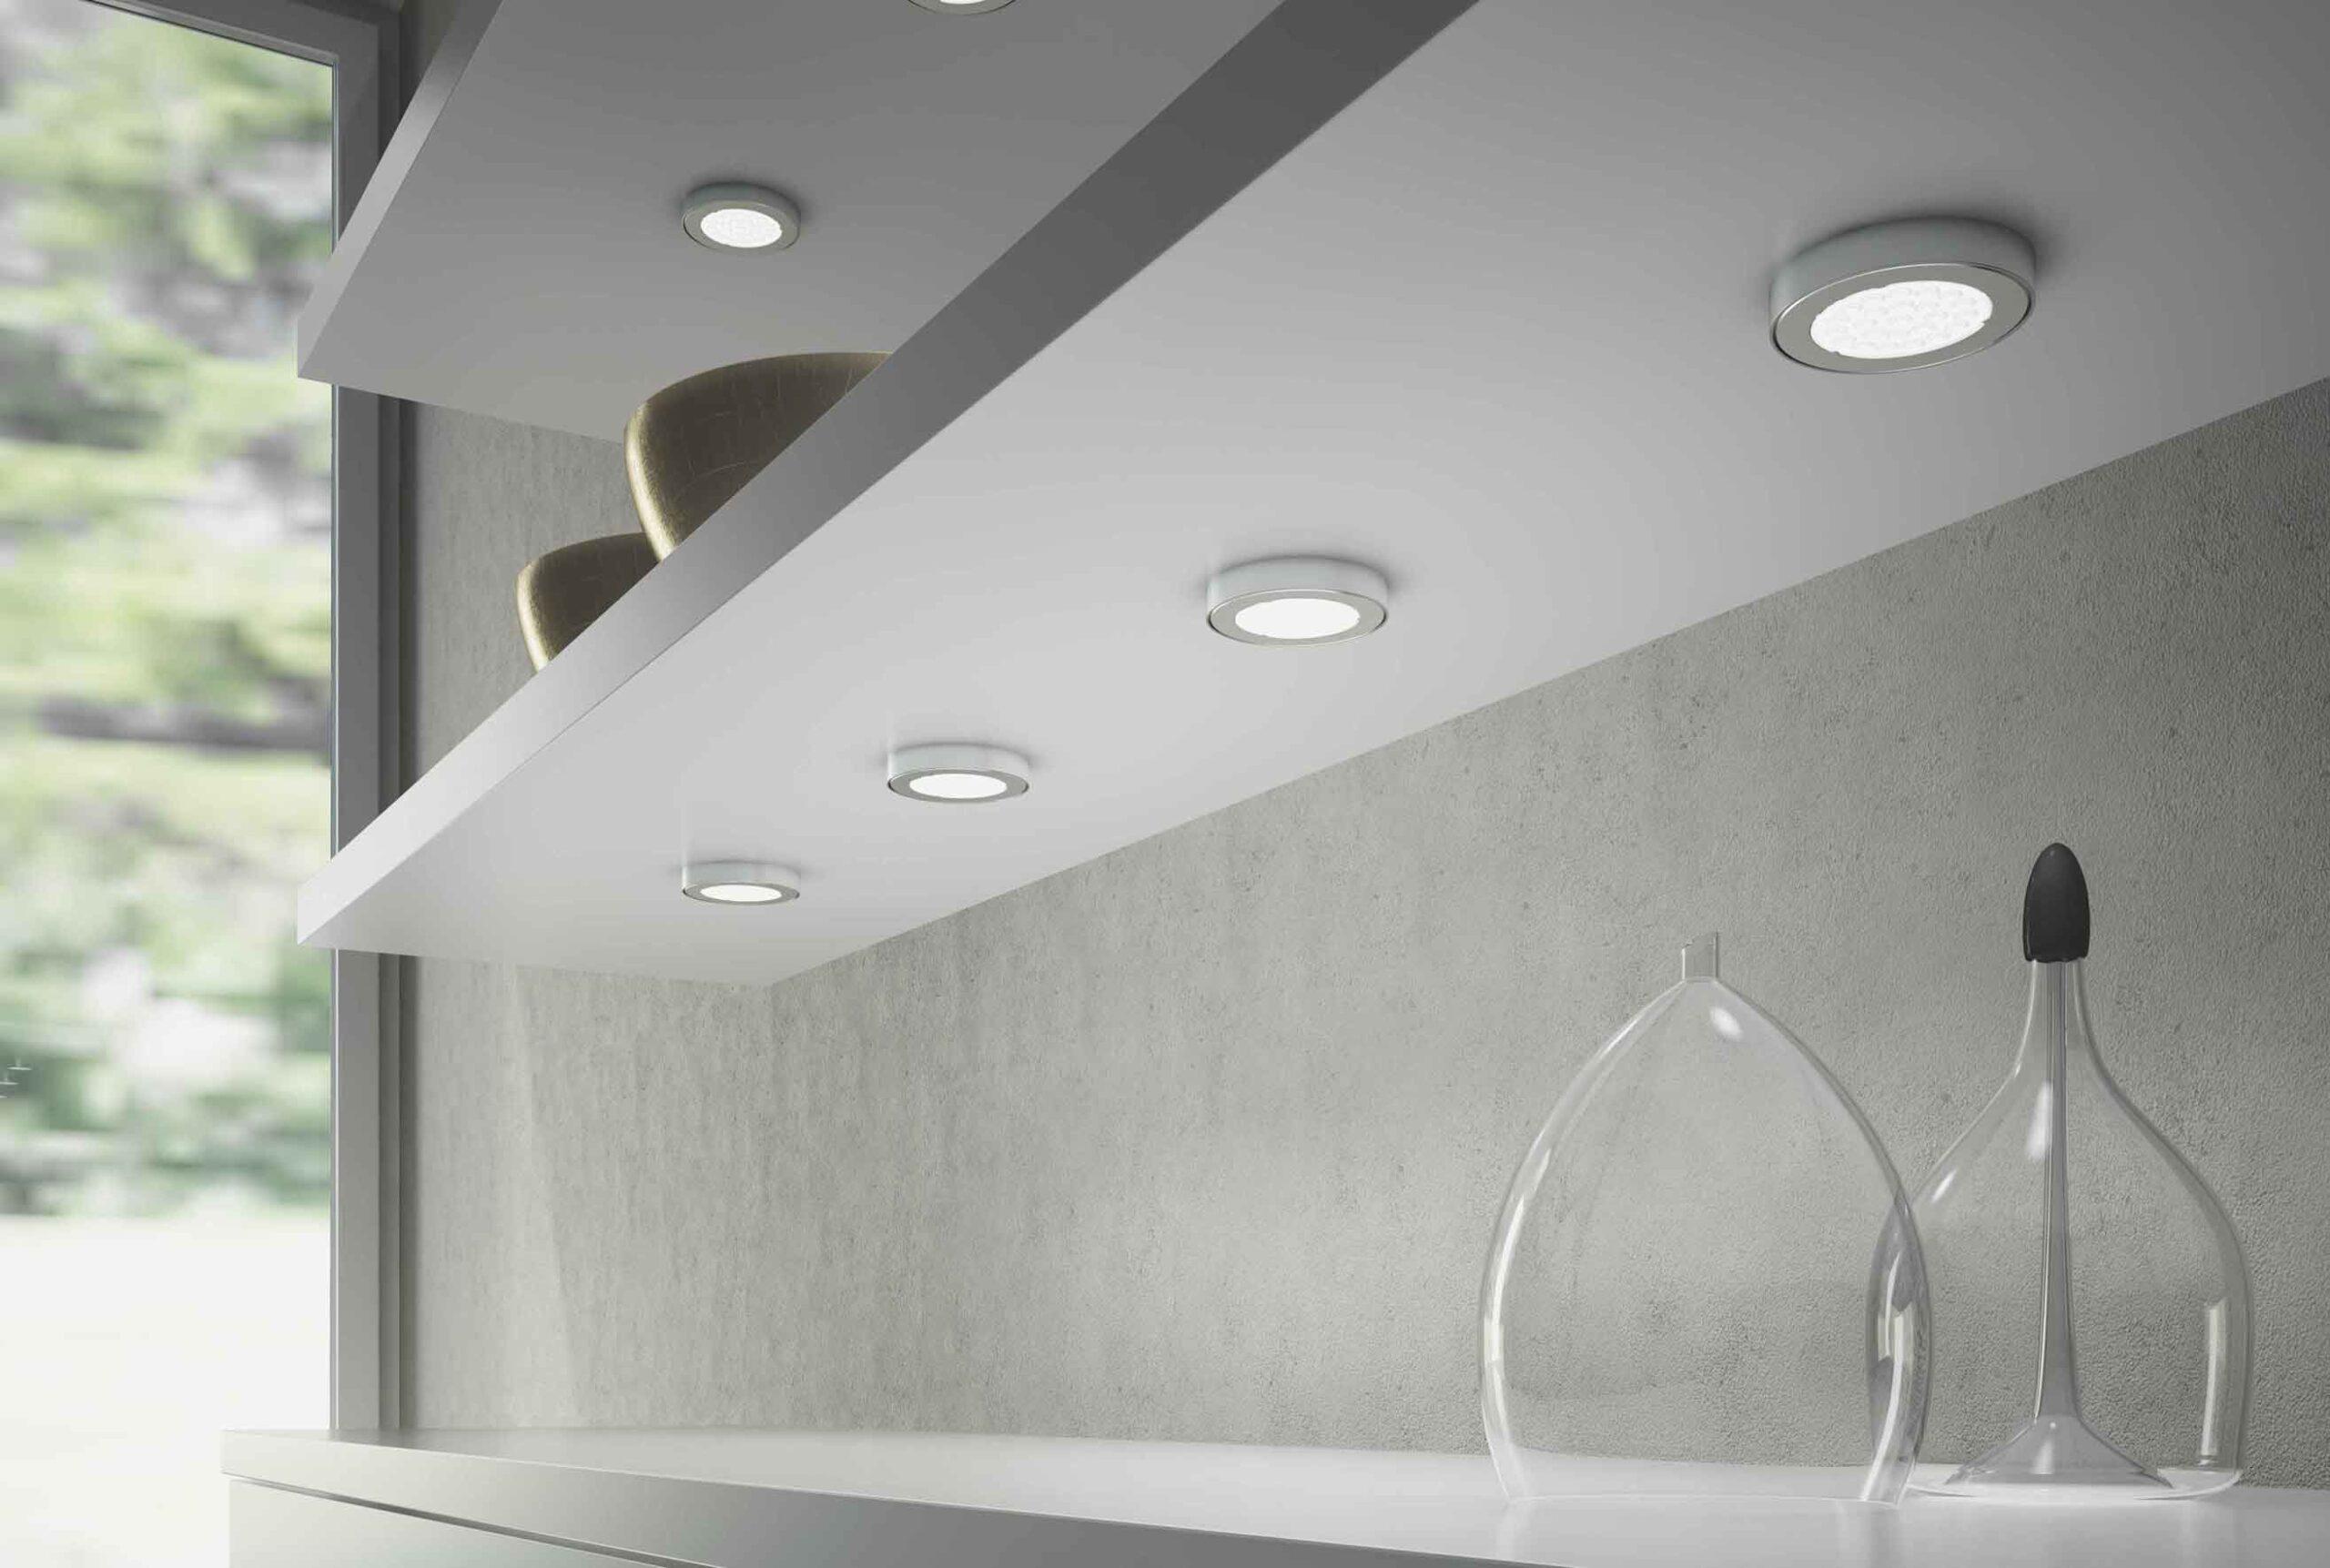 Full Size of Unterbauleuchten Küche Kchenbeleuchtung Kaufen Direkt Bei Alma Kchen Einbauküche Mit Elektrogeräten Umziehen Ohne Oberschränke Abluftventilator Wohnzimmer Unterbauleuchten Küche